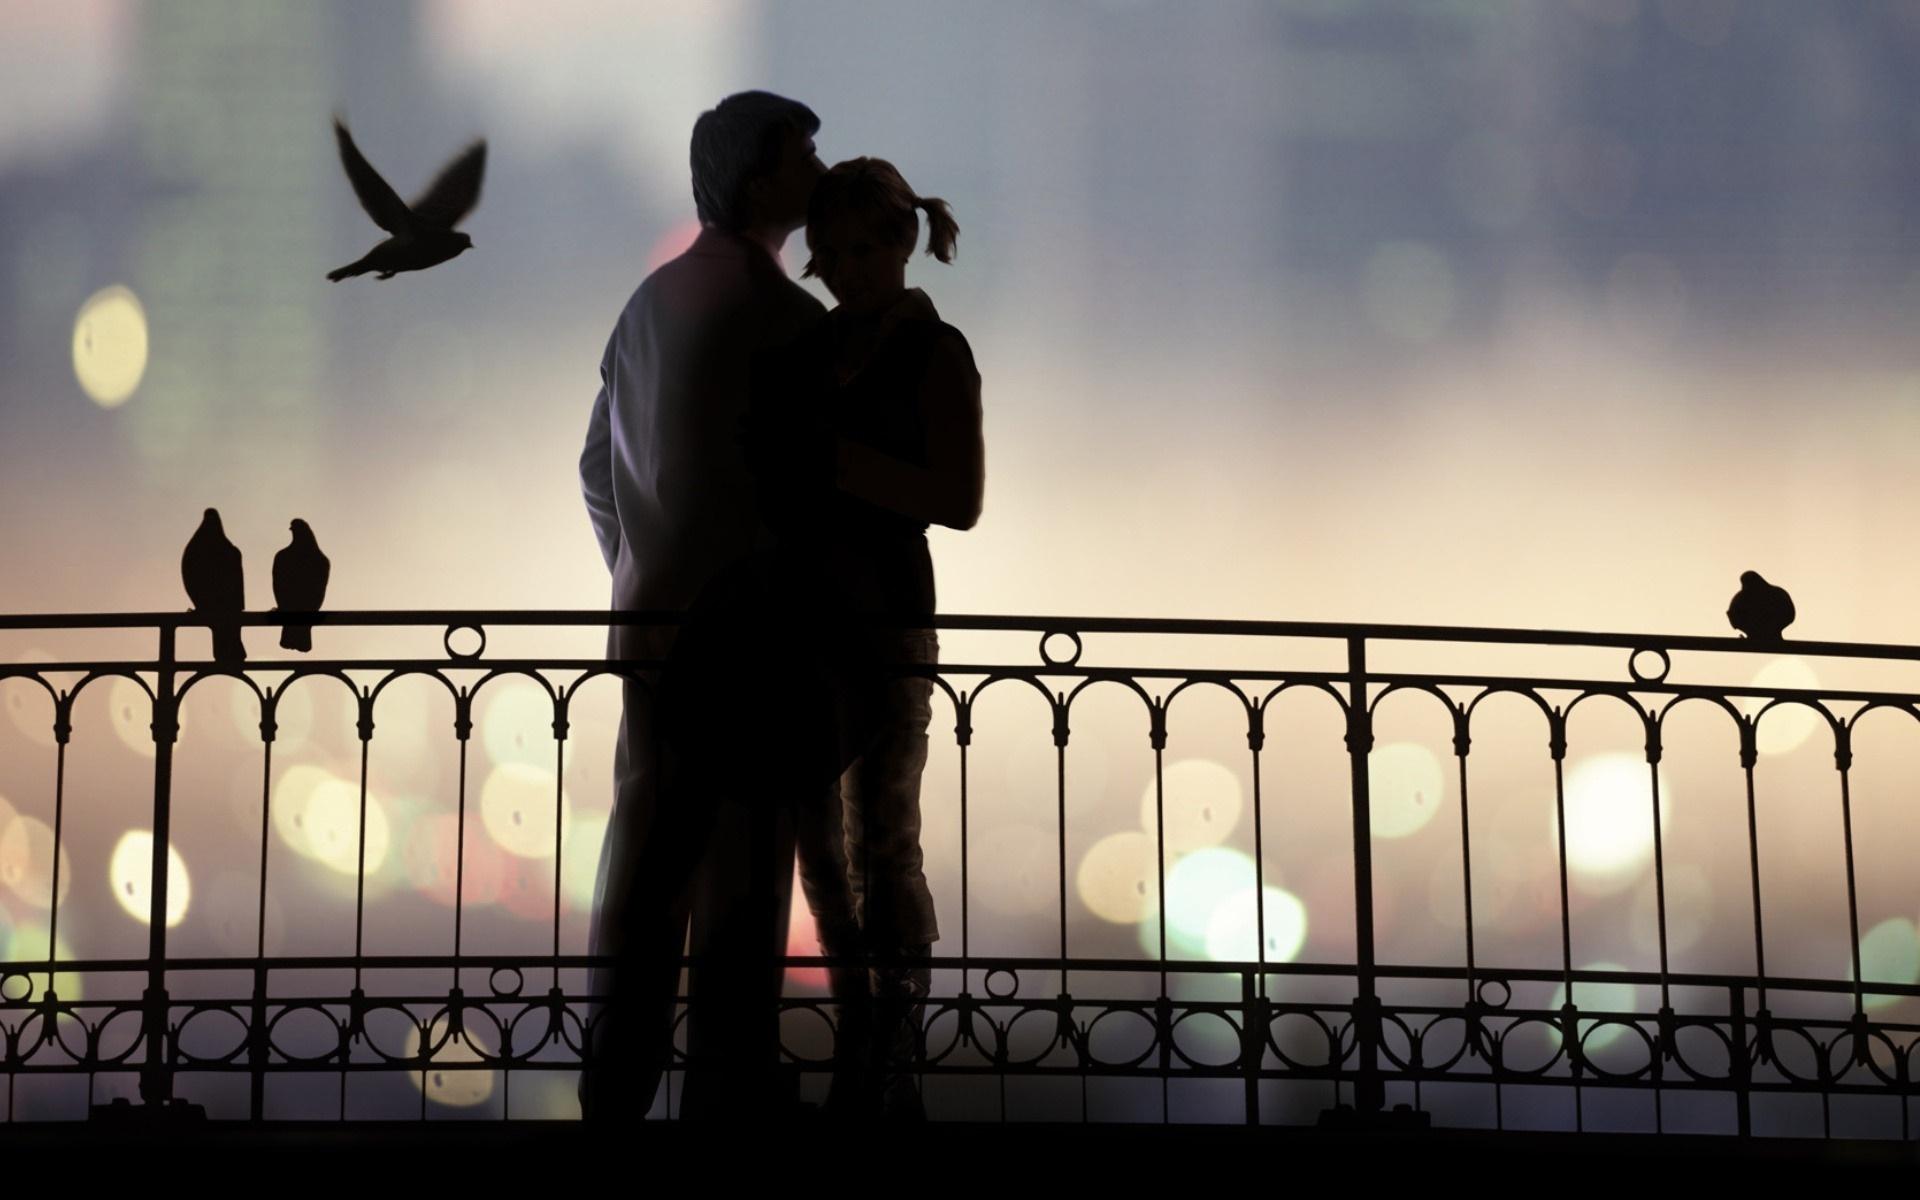 Меняю одиночество на любовь | [Infoclub.PRO]